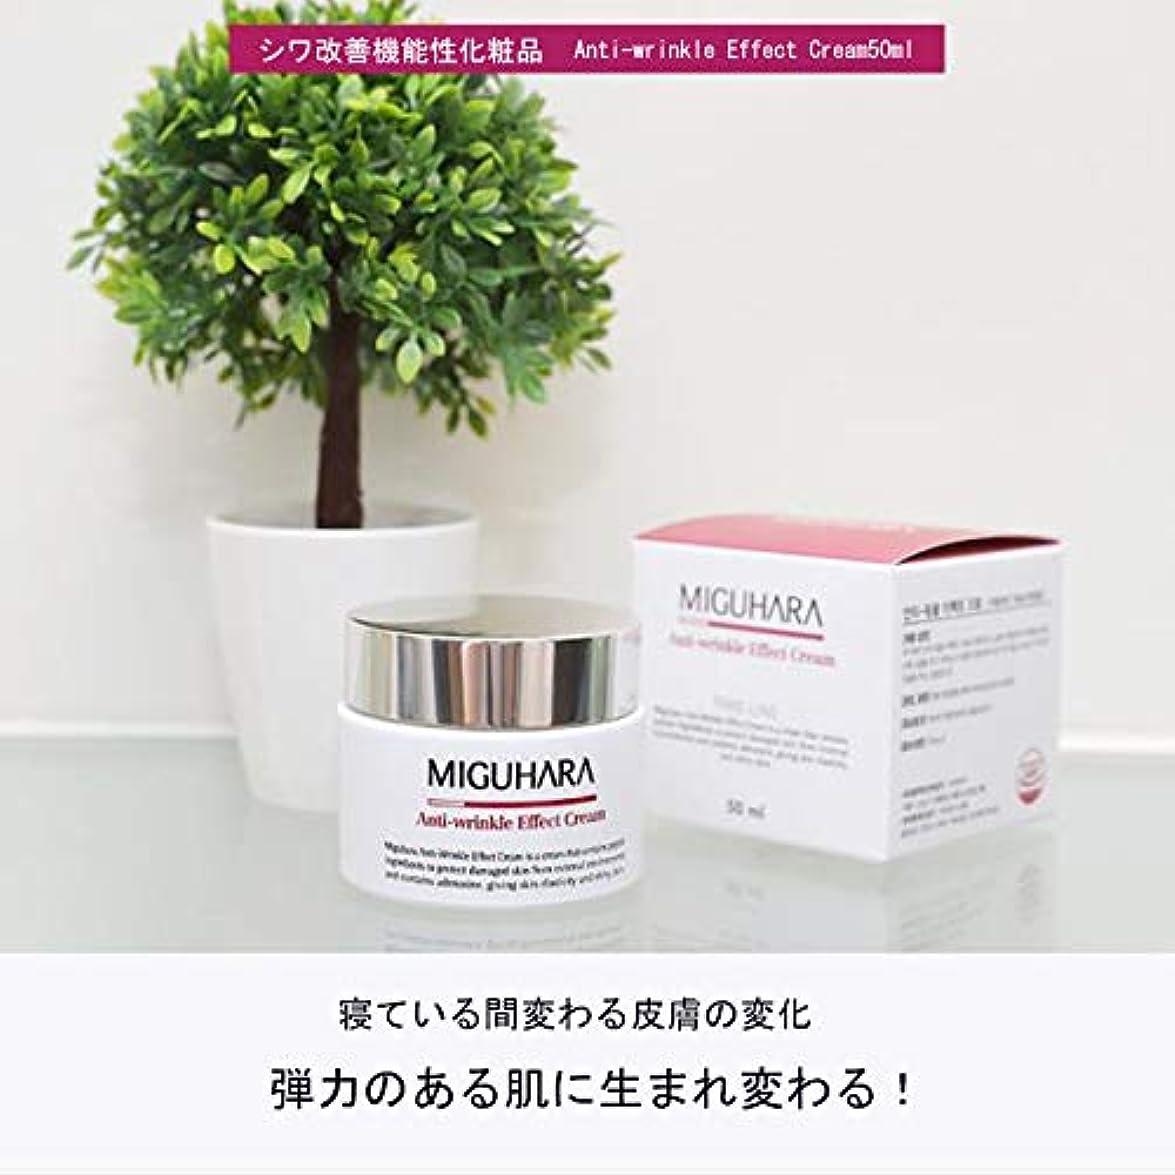 フロンティア要求するほこりっぽいMIGUHARA アンチ-リンクルエフェクトクリーム 50ml / Anti-wrinkle Effect Cream 50ml